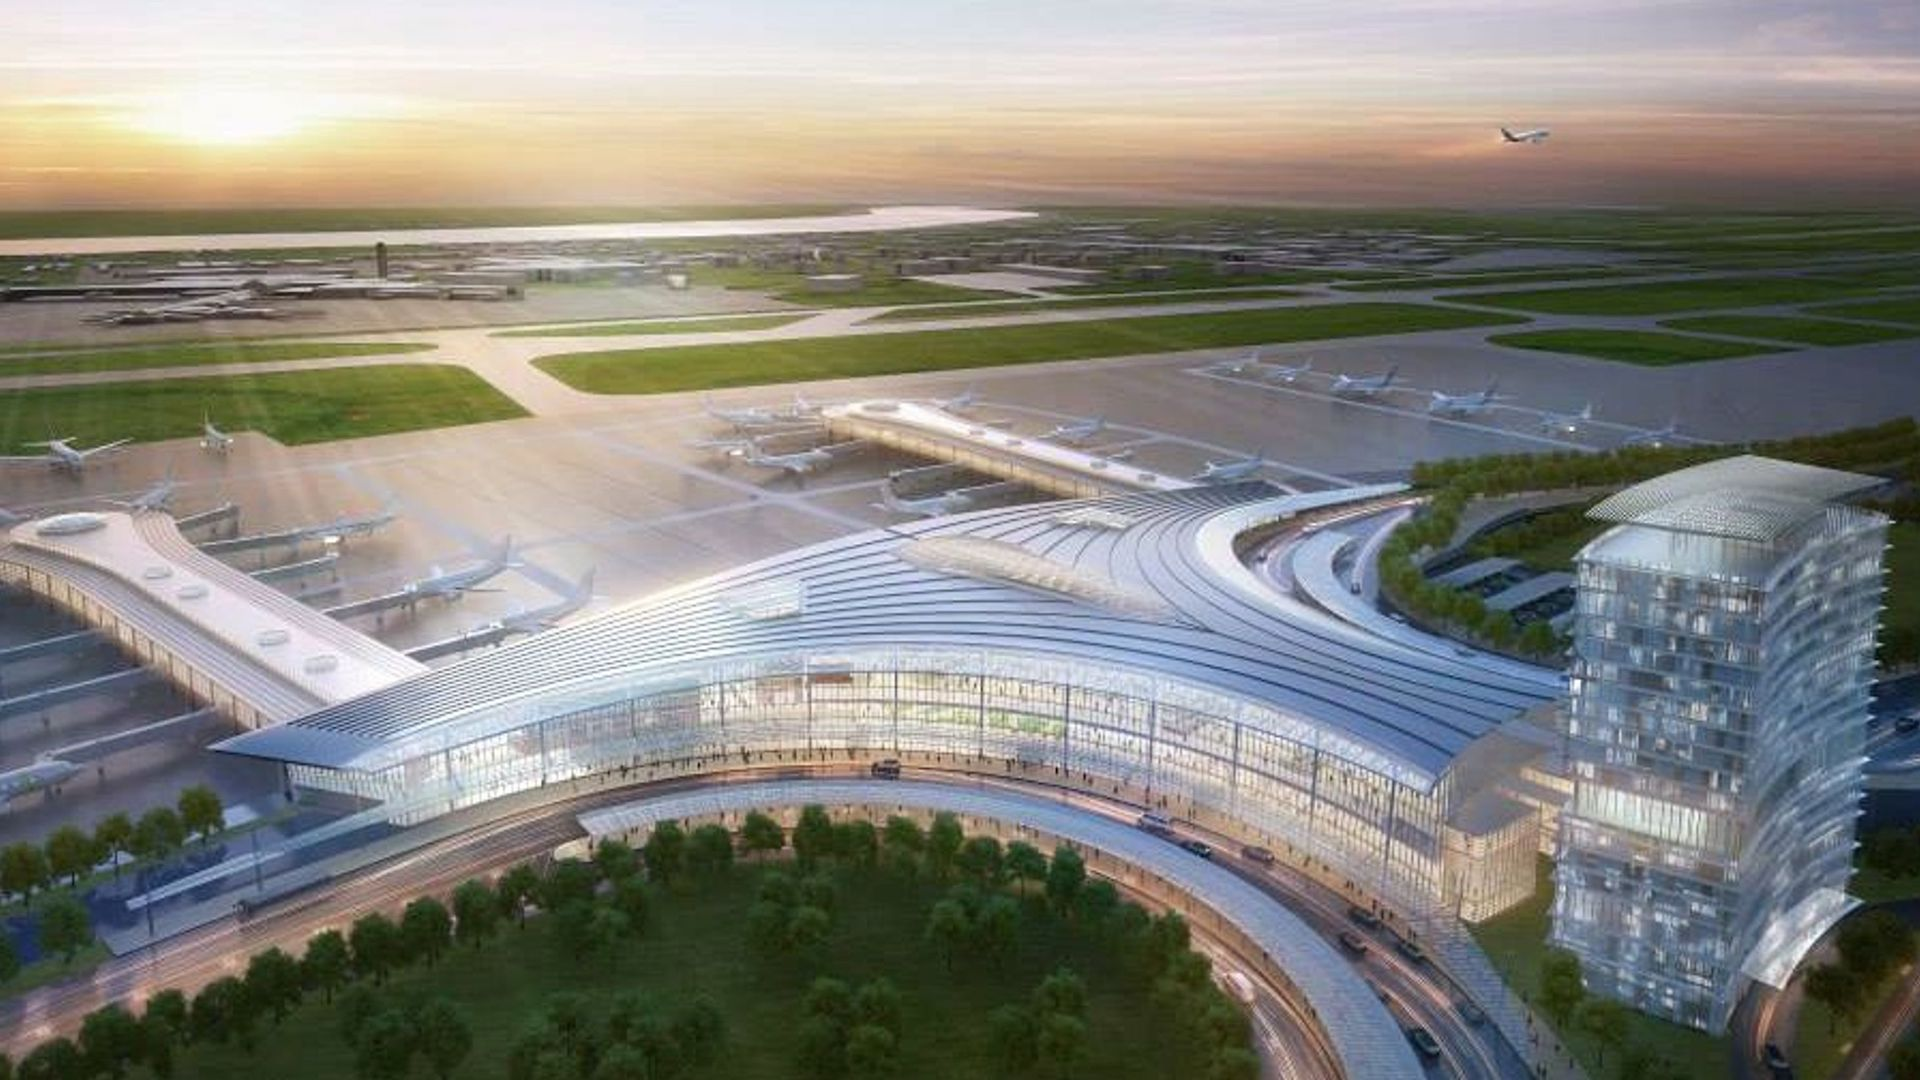 El nuevo aeropuerto en Estados Unidos diseñado por César Pelli